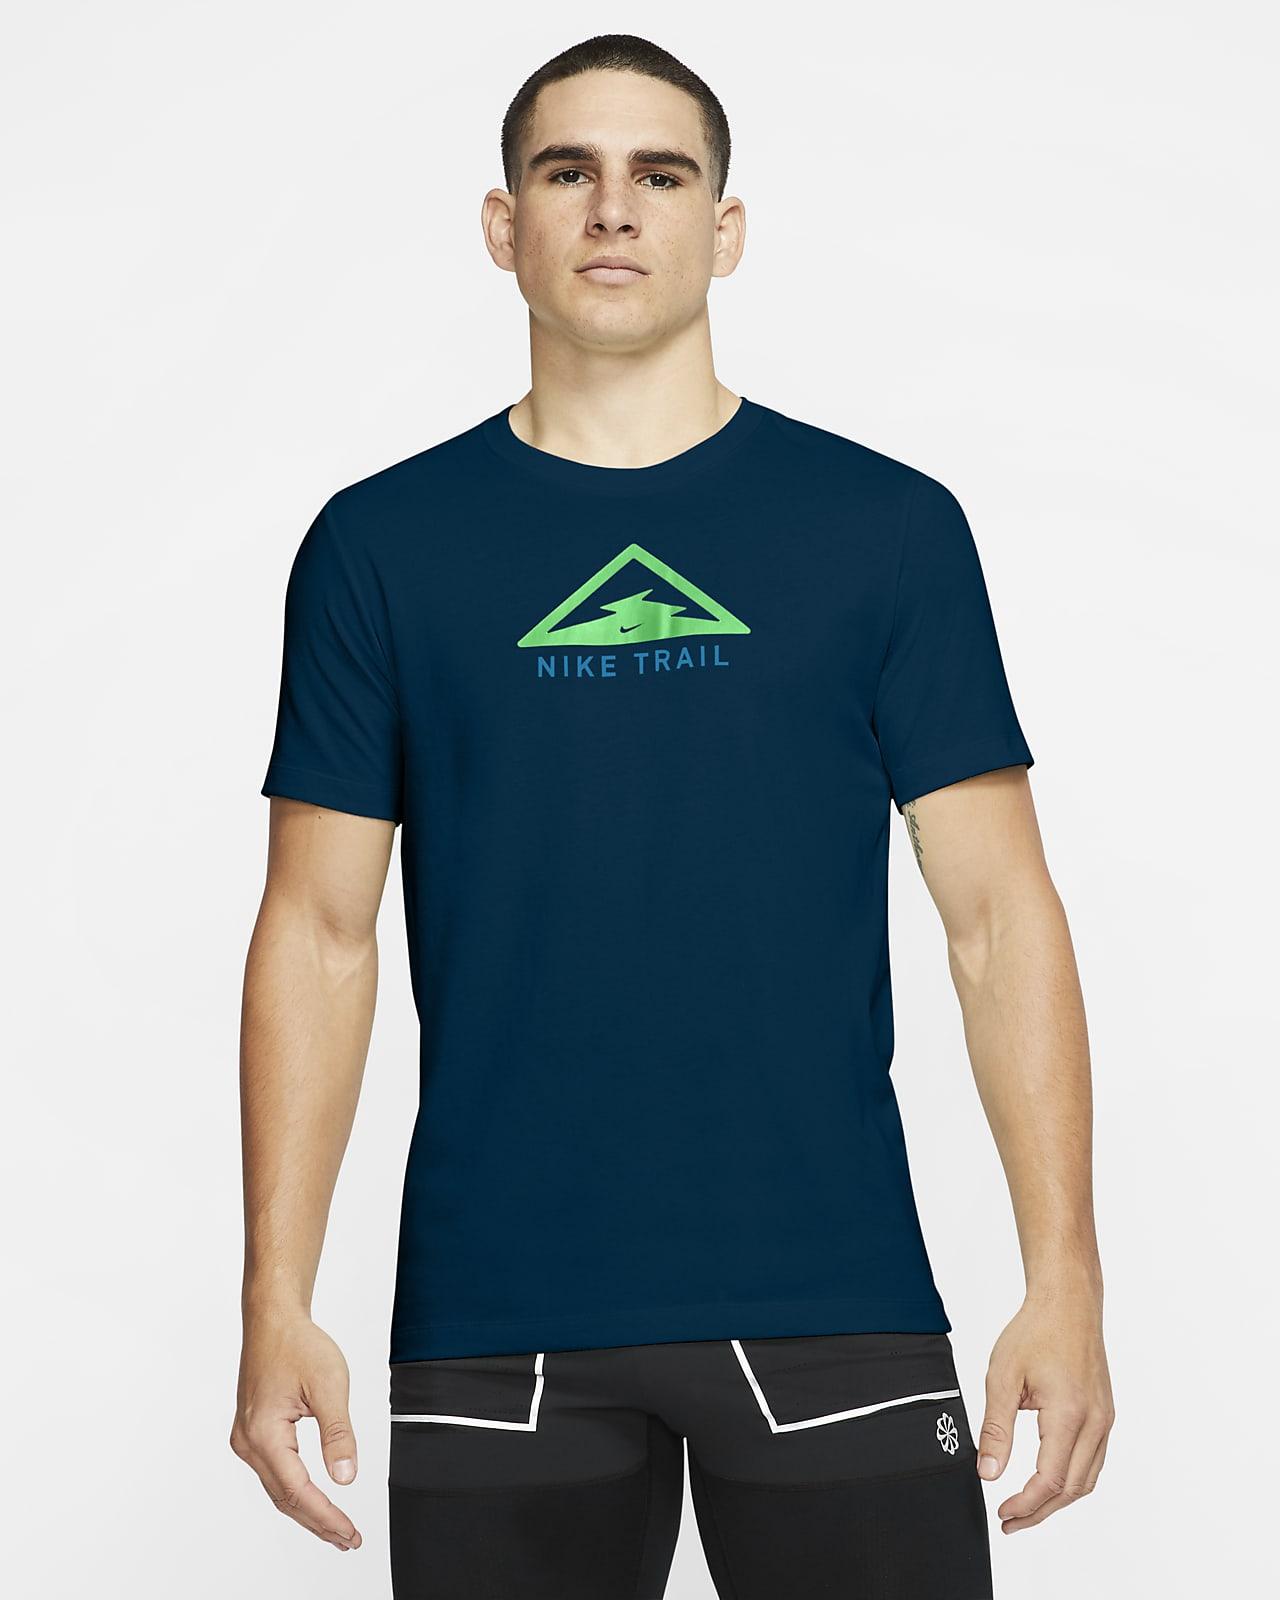 Ανδρικό T-Shirt για τρέξιμο σε ανώμαλο δρόμο Nike Dri-FIT Trail